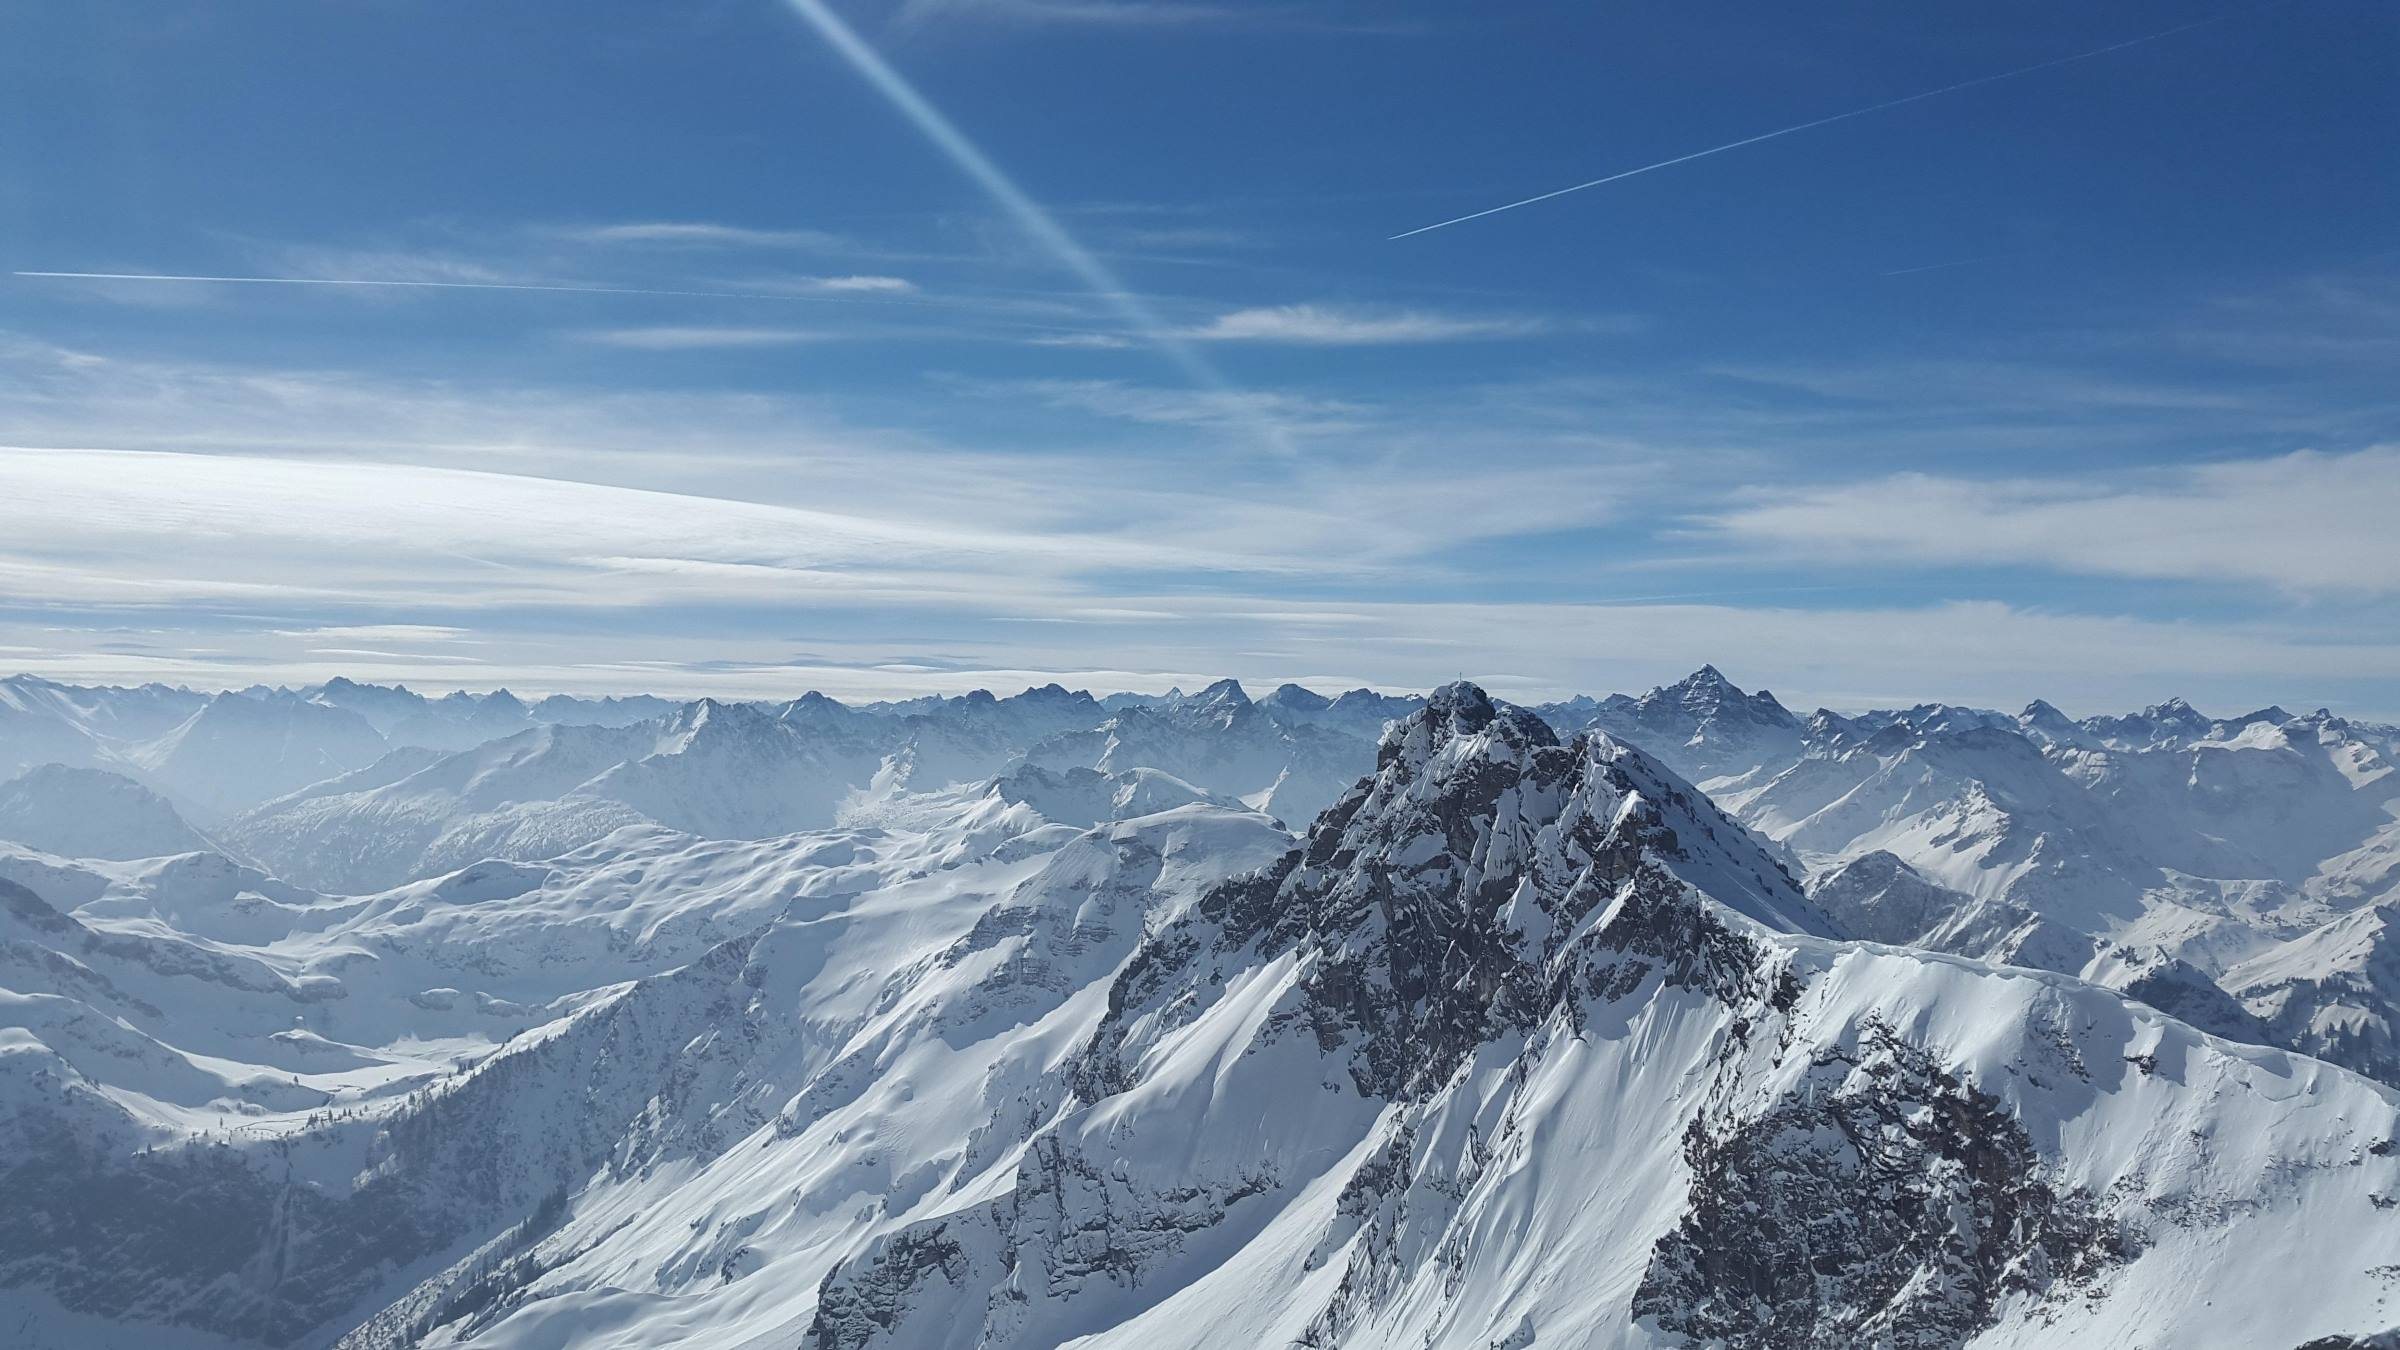 winter rough horn alps mountain snow